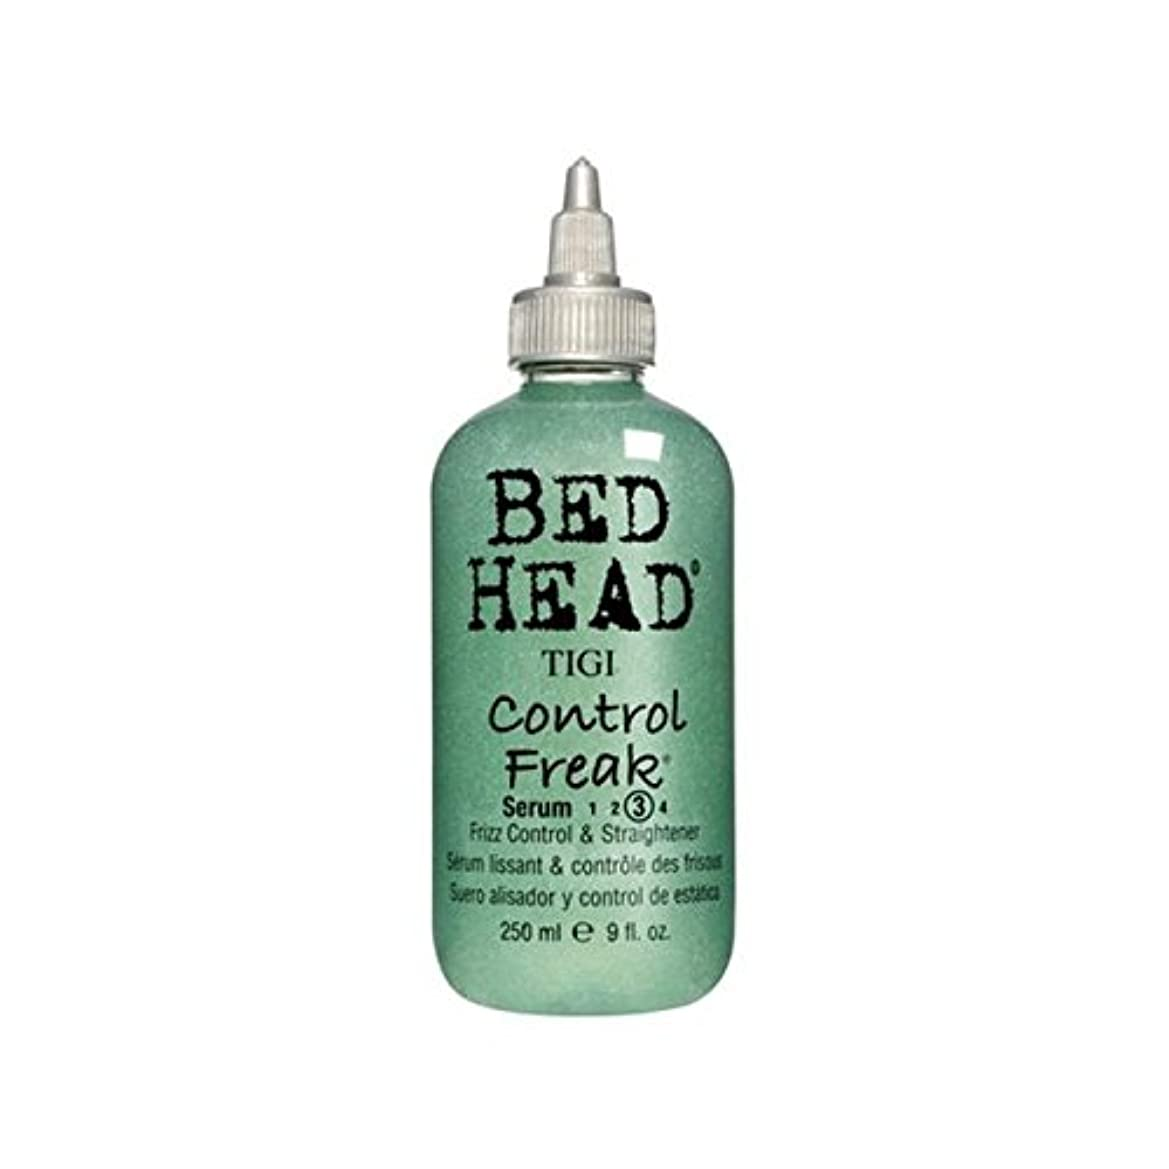 世界的に便利氏ティジーベッドヘッドコントロールフリーク血清(250ミリリットル) x4 - Tigi Bed Head Control Freak Serum (250ml) (Pack of 4) [並行輸入品]